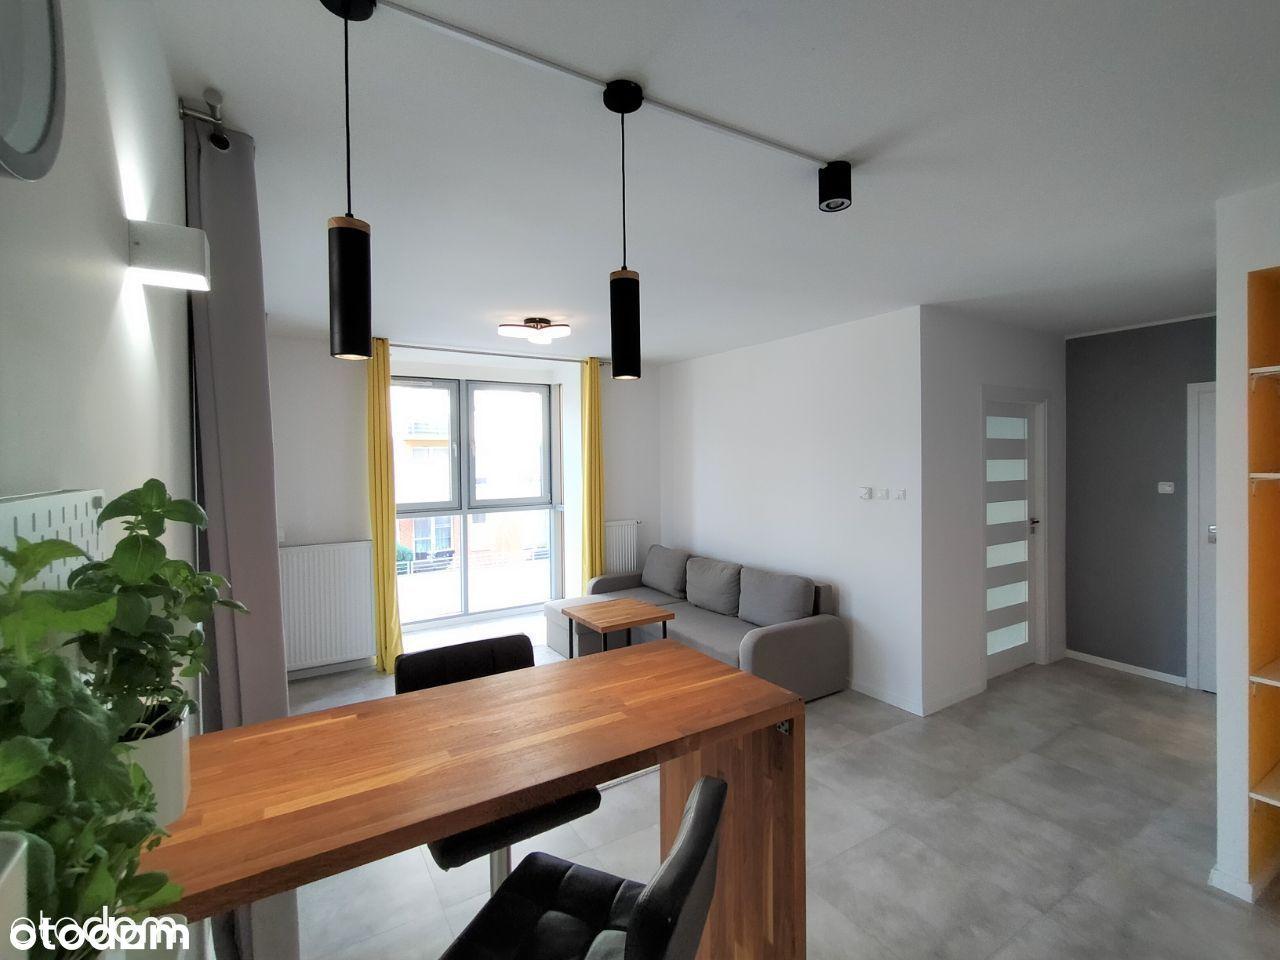 Nowoczesne mieszkanie - Gumieńce - ul. Kazimierska